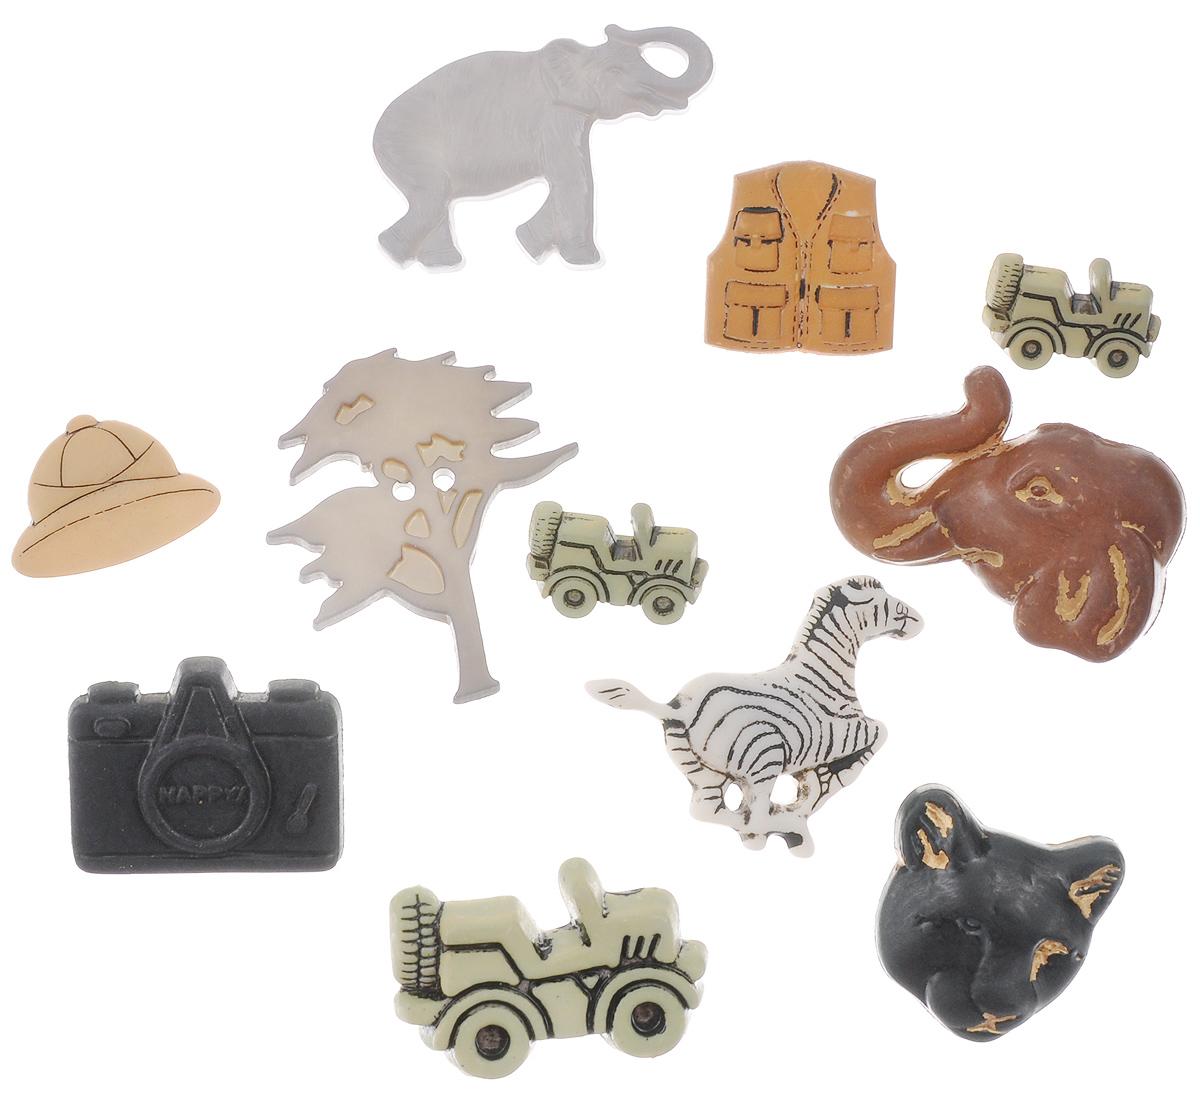 Пуговицы декоративные Buttons Galore & More Safari, 10 шт7705917Набор Buttons Galore & More Safari состоит из 10 декоративных пуговиц. Все элементы выполнены из пластика в виде различных фигурок. Такие пуговицы подходят для любых видов творчества: скрапбукинга, декорирования, шитья, изготовления кукол, а также для оформления одежды. С их помощью вы сможете украсить открытку, фотографию, альбом, подарок и другие предметы ручной работы. Пуговицы разного цвета имеют оригинальный и яркий дизайн. Средний размер пуговиц: 3,5 см х 2,5 см х 0,5 см.